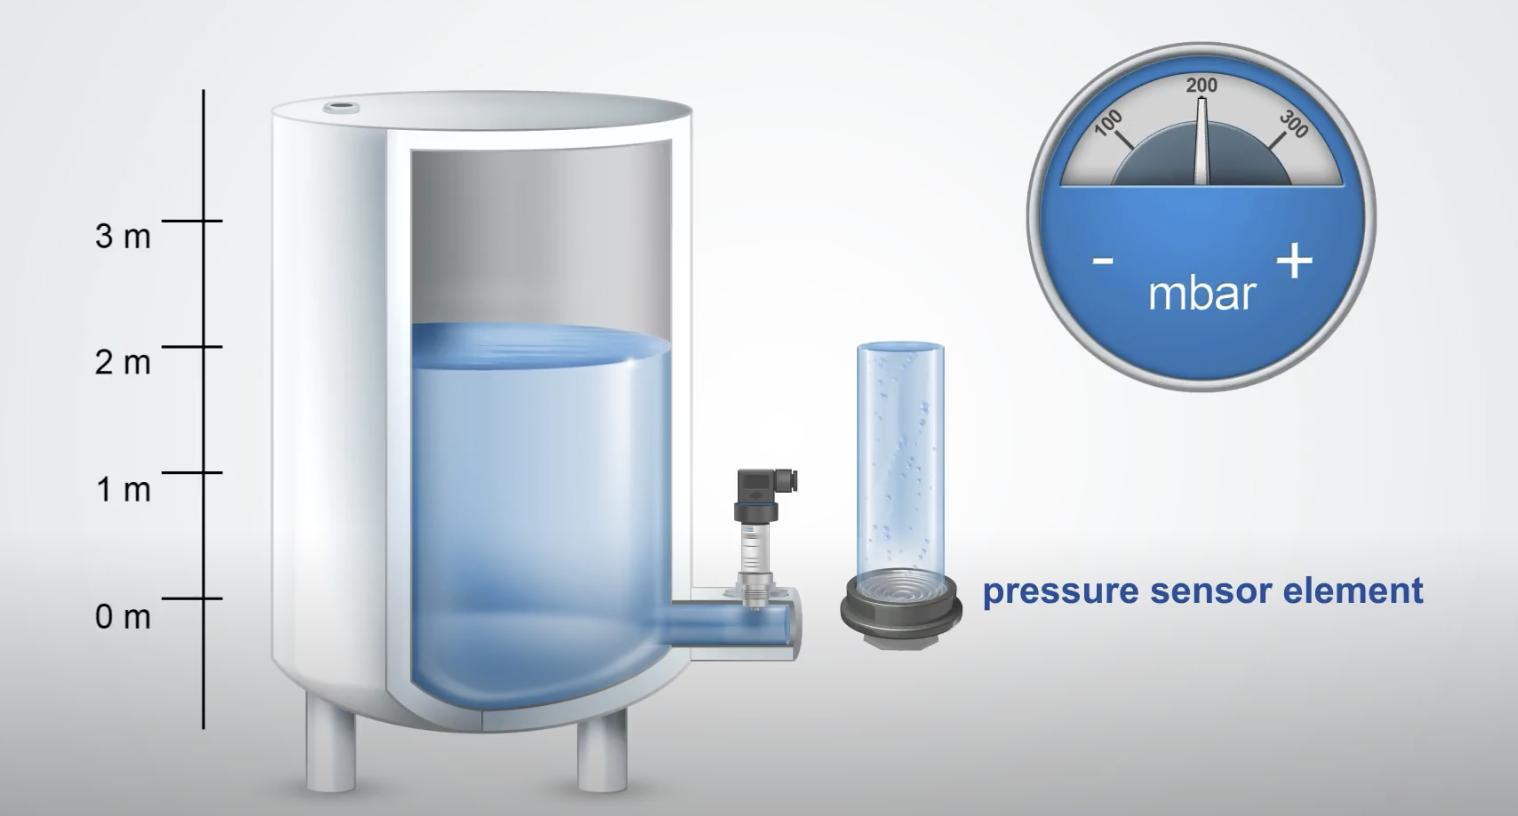 đo mực nước bằng cảm biến áp suất